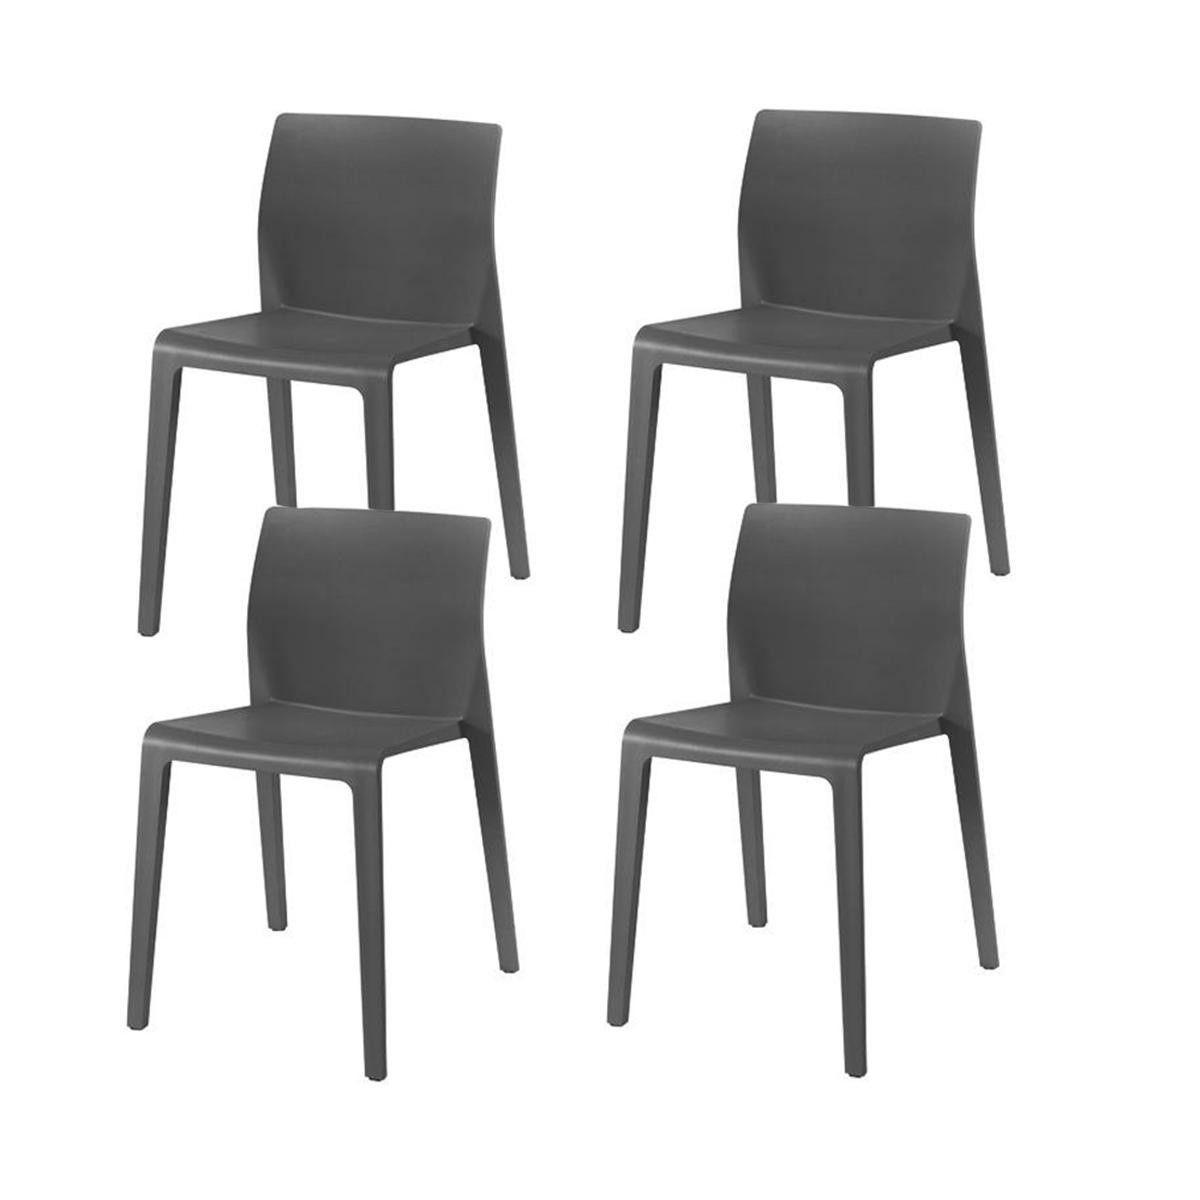 juno 3601 stuhl set 4tlg arper gartenm bel sets. Black Bedroom Furniture Sets. Home Design Ideas